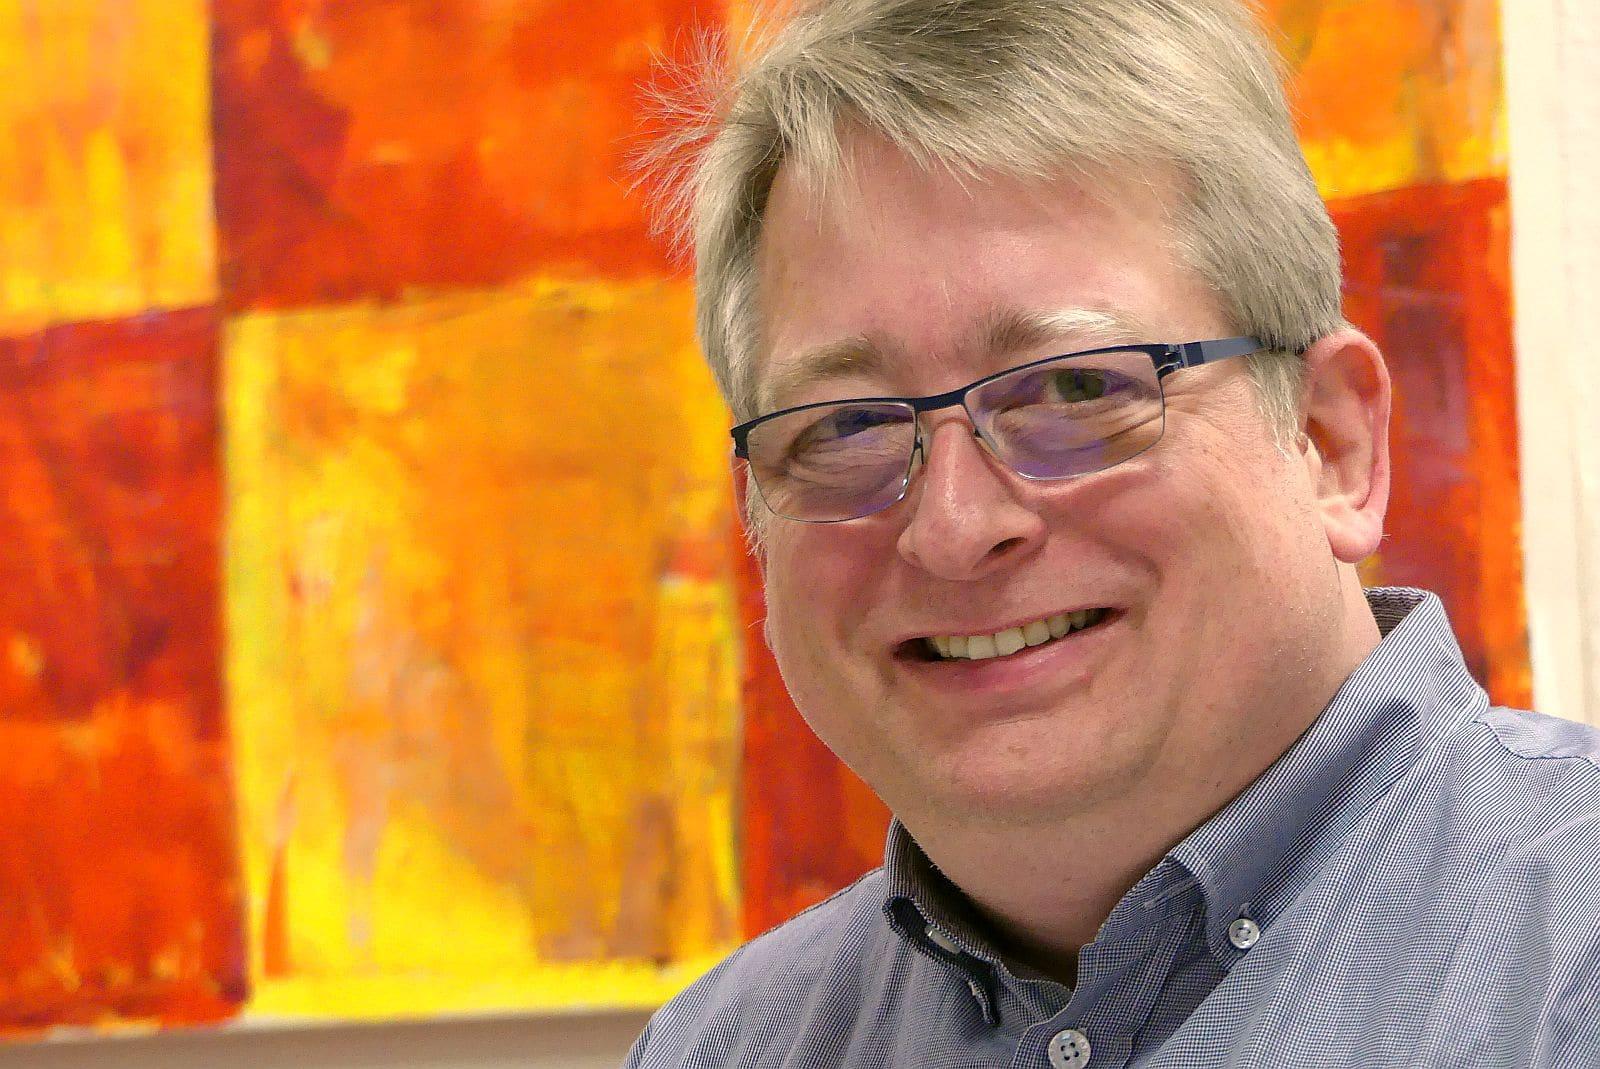 Der SPD-Kreisvorsitzende Mirko Witkowski. Foto: pm